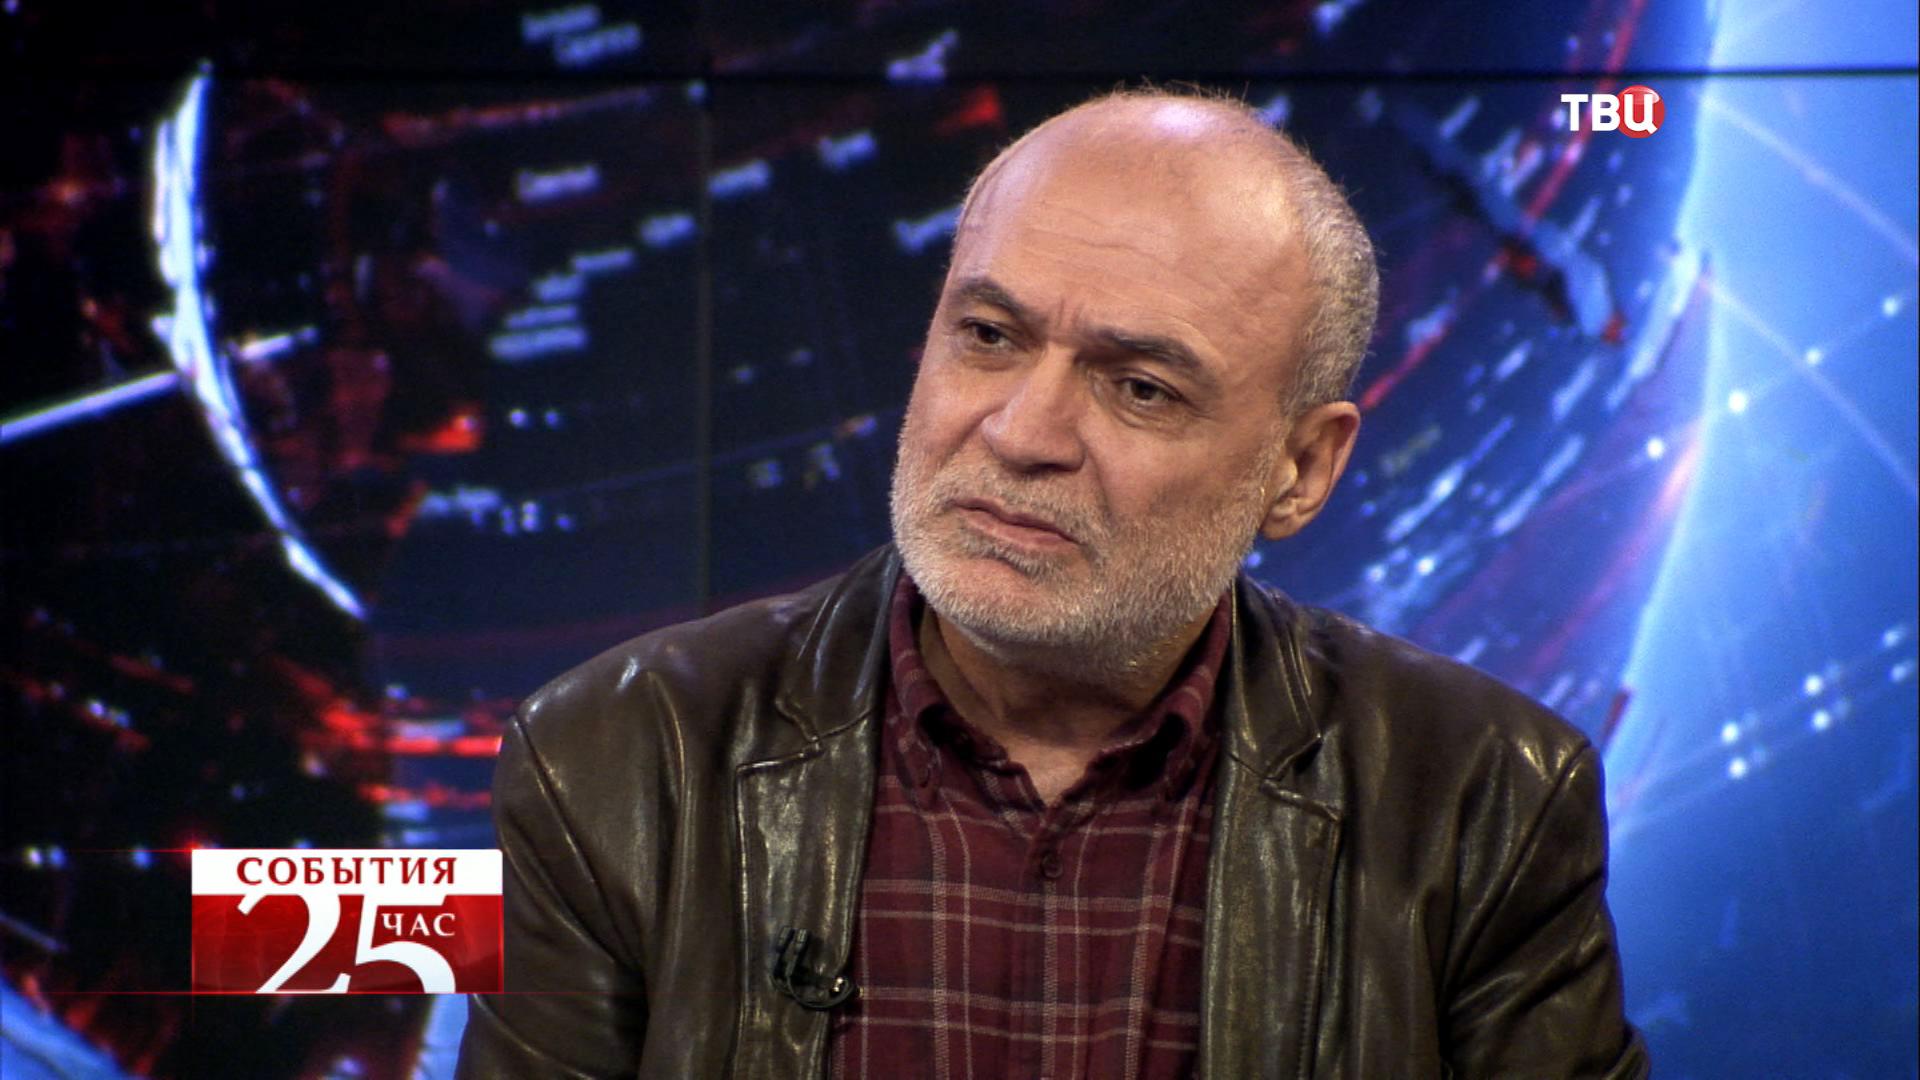 Андраник Мигранян, директор нью-йоркского представительства Института демократии и сотрудничества